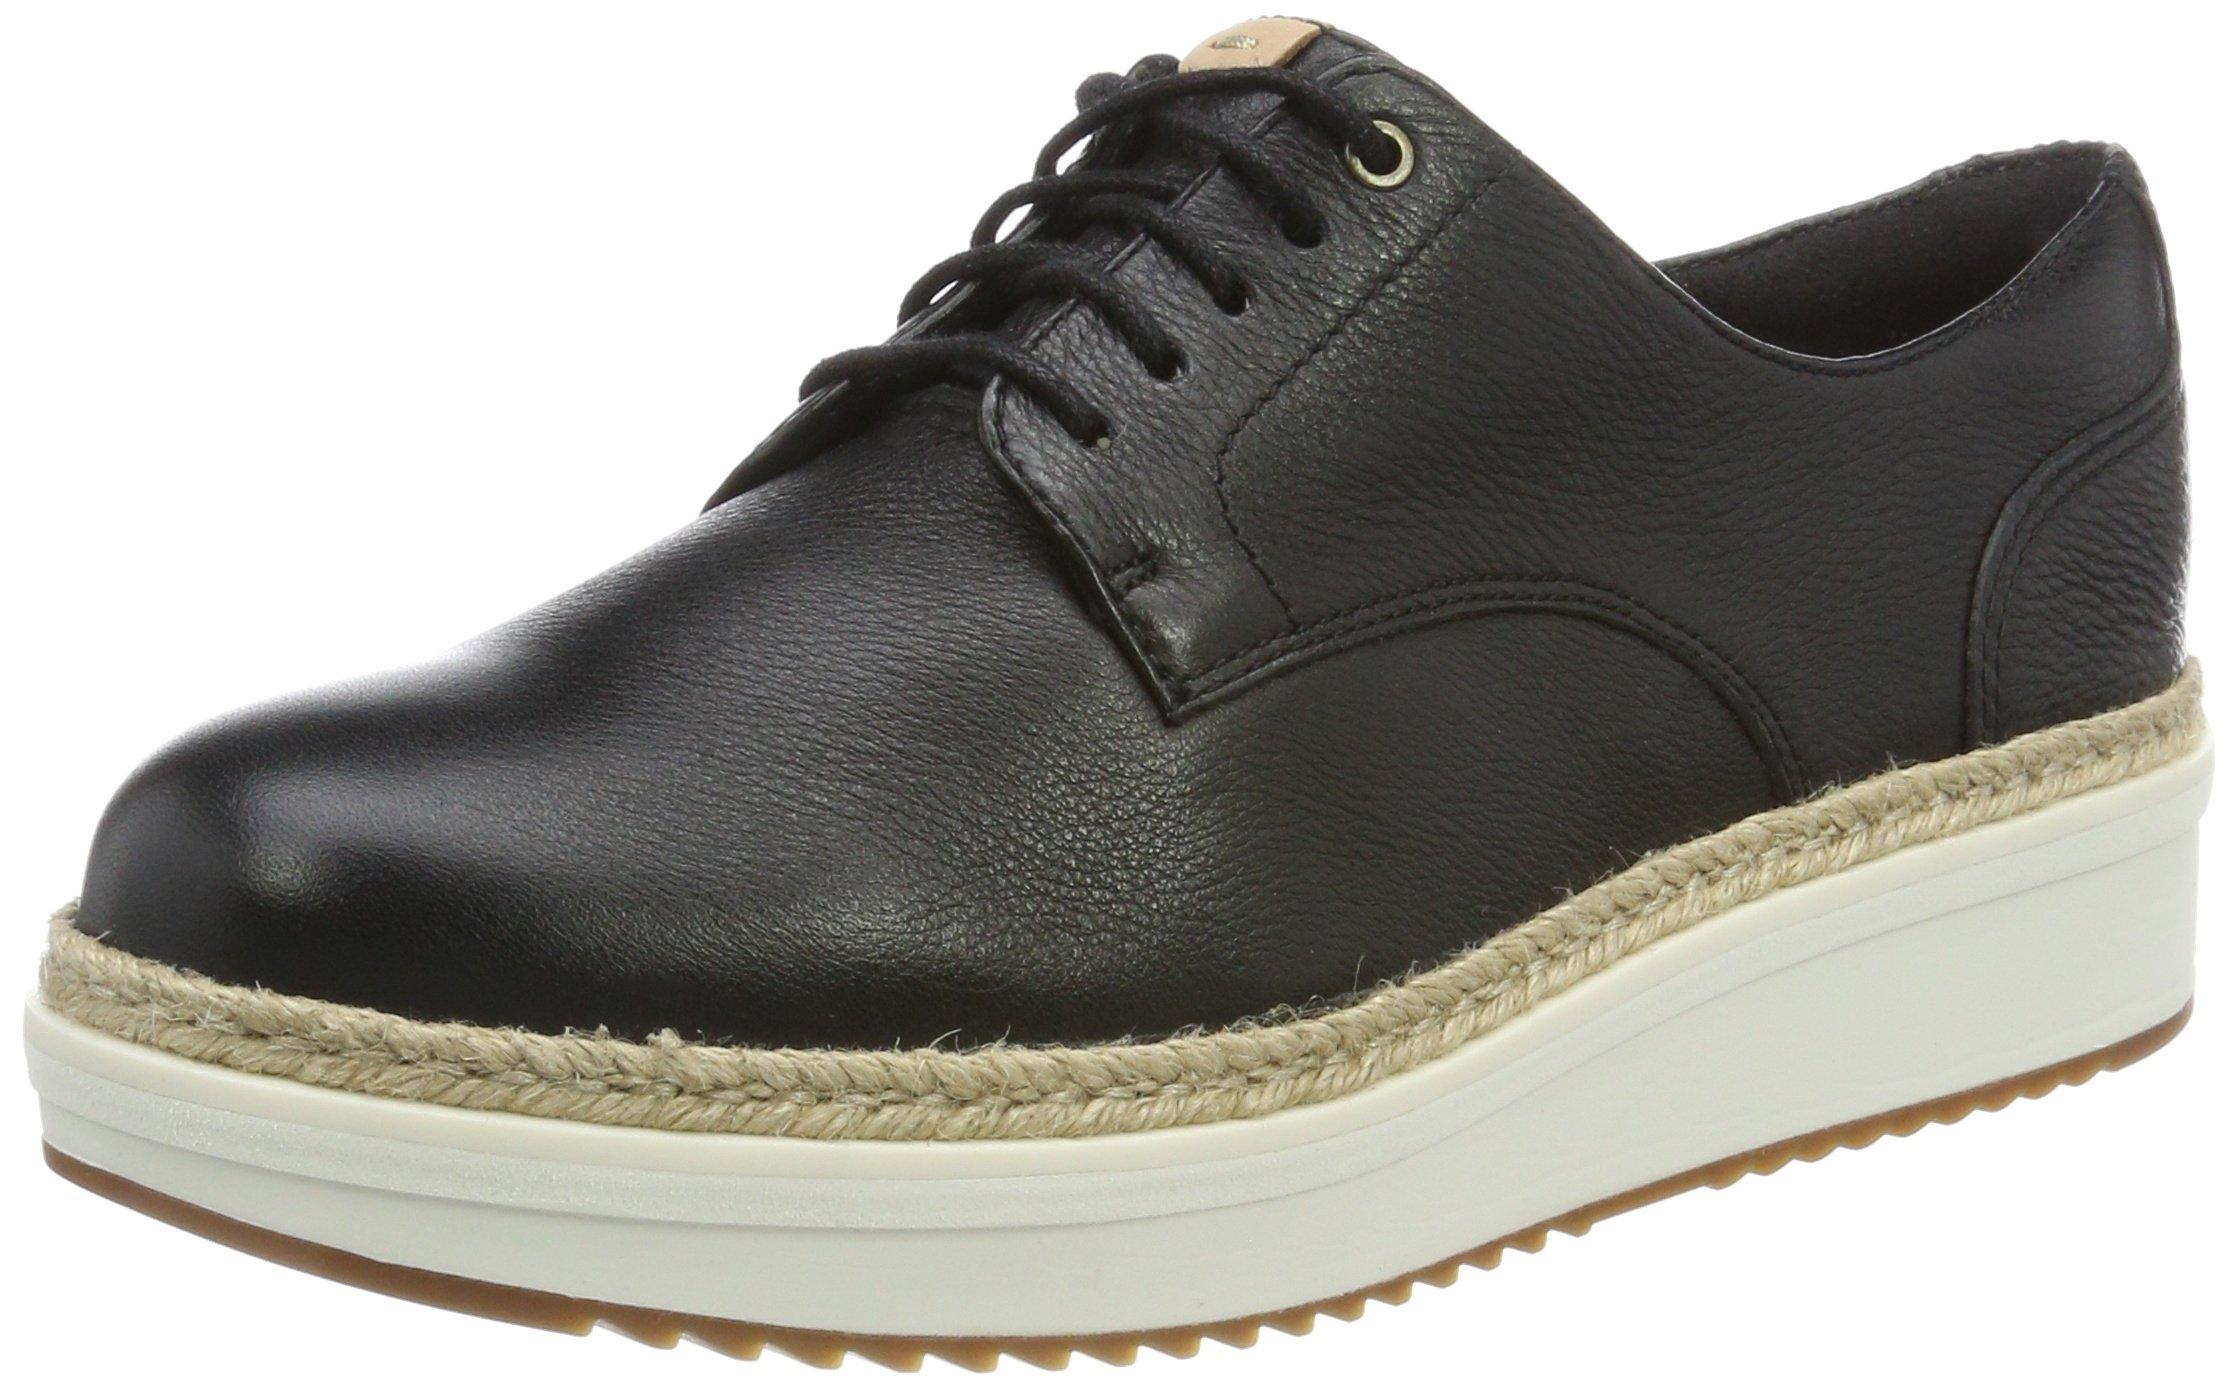 0db48ca0 Clarks Teadale Rhea, Zapatos de Cordones Brogue para Mujer product image